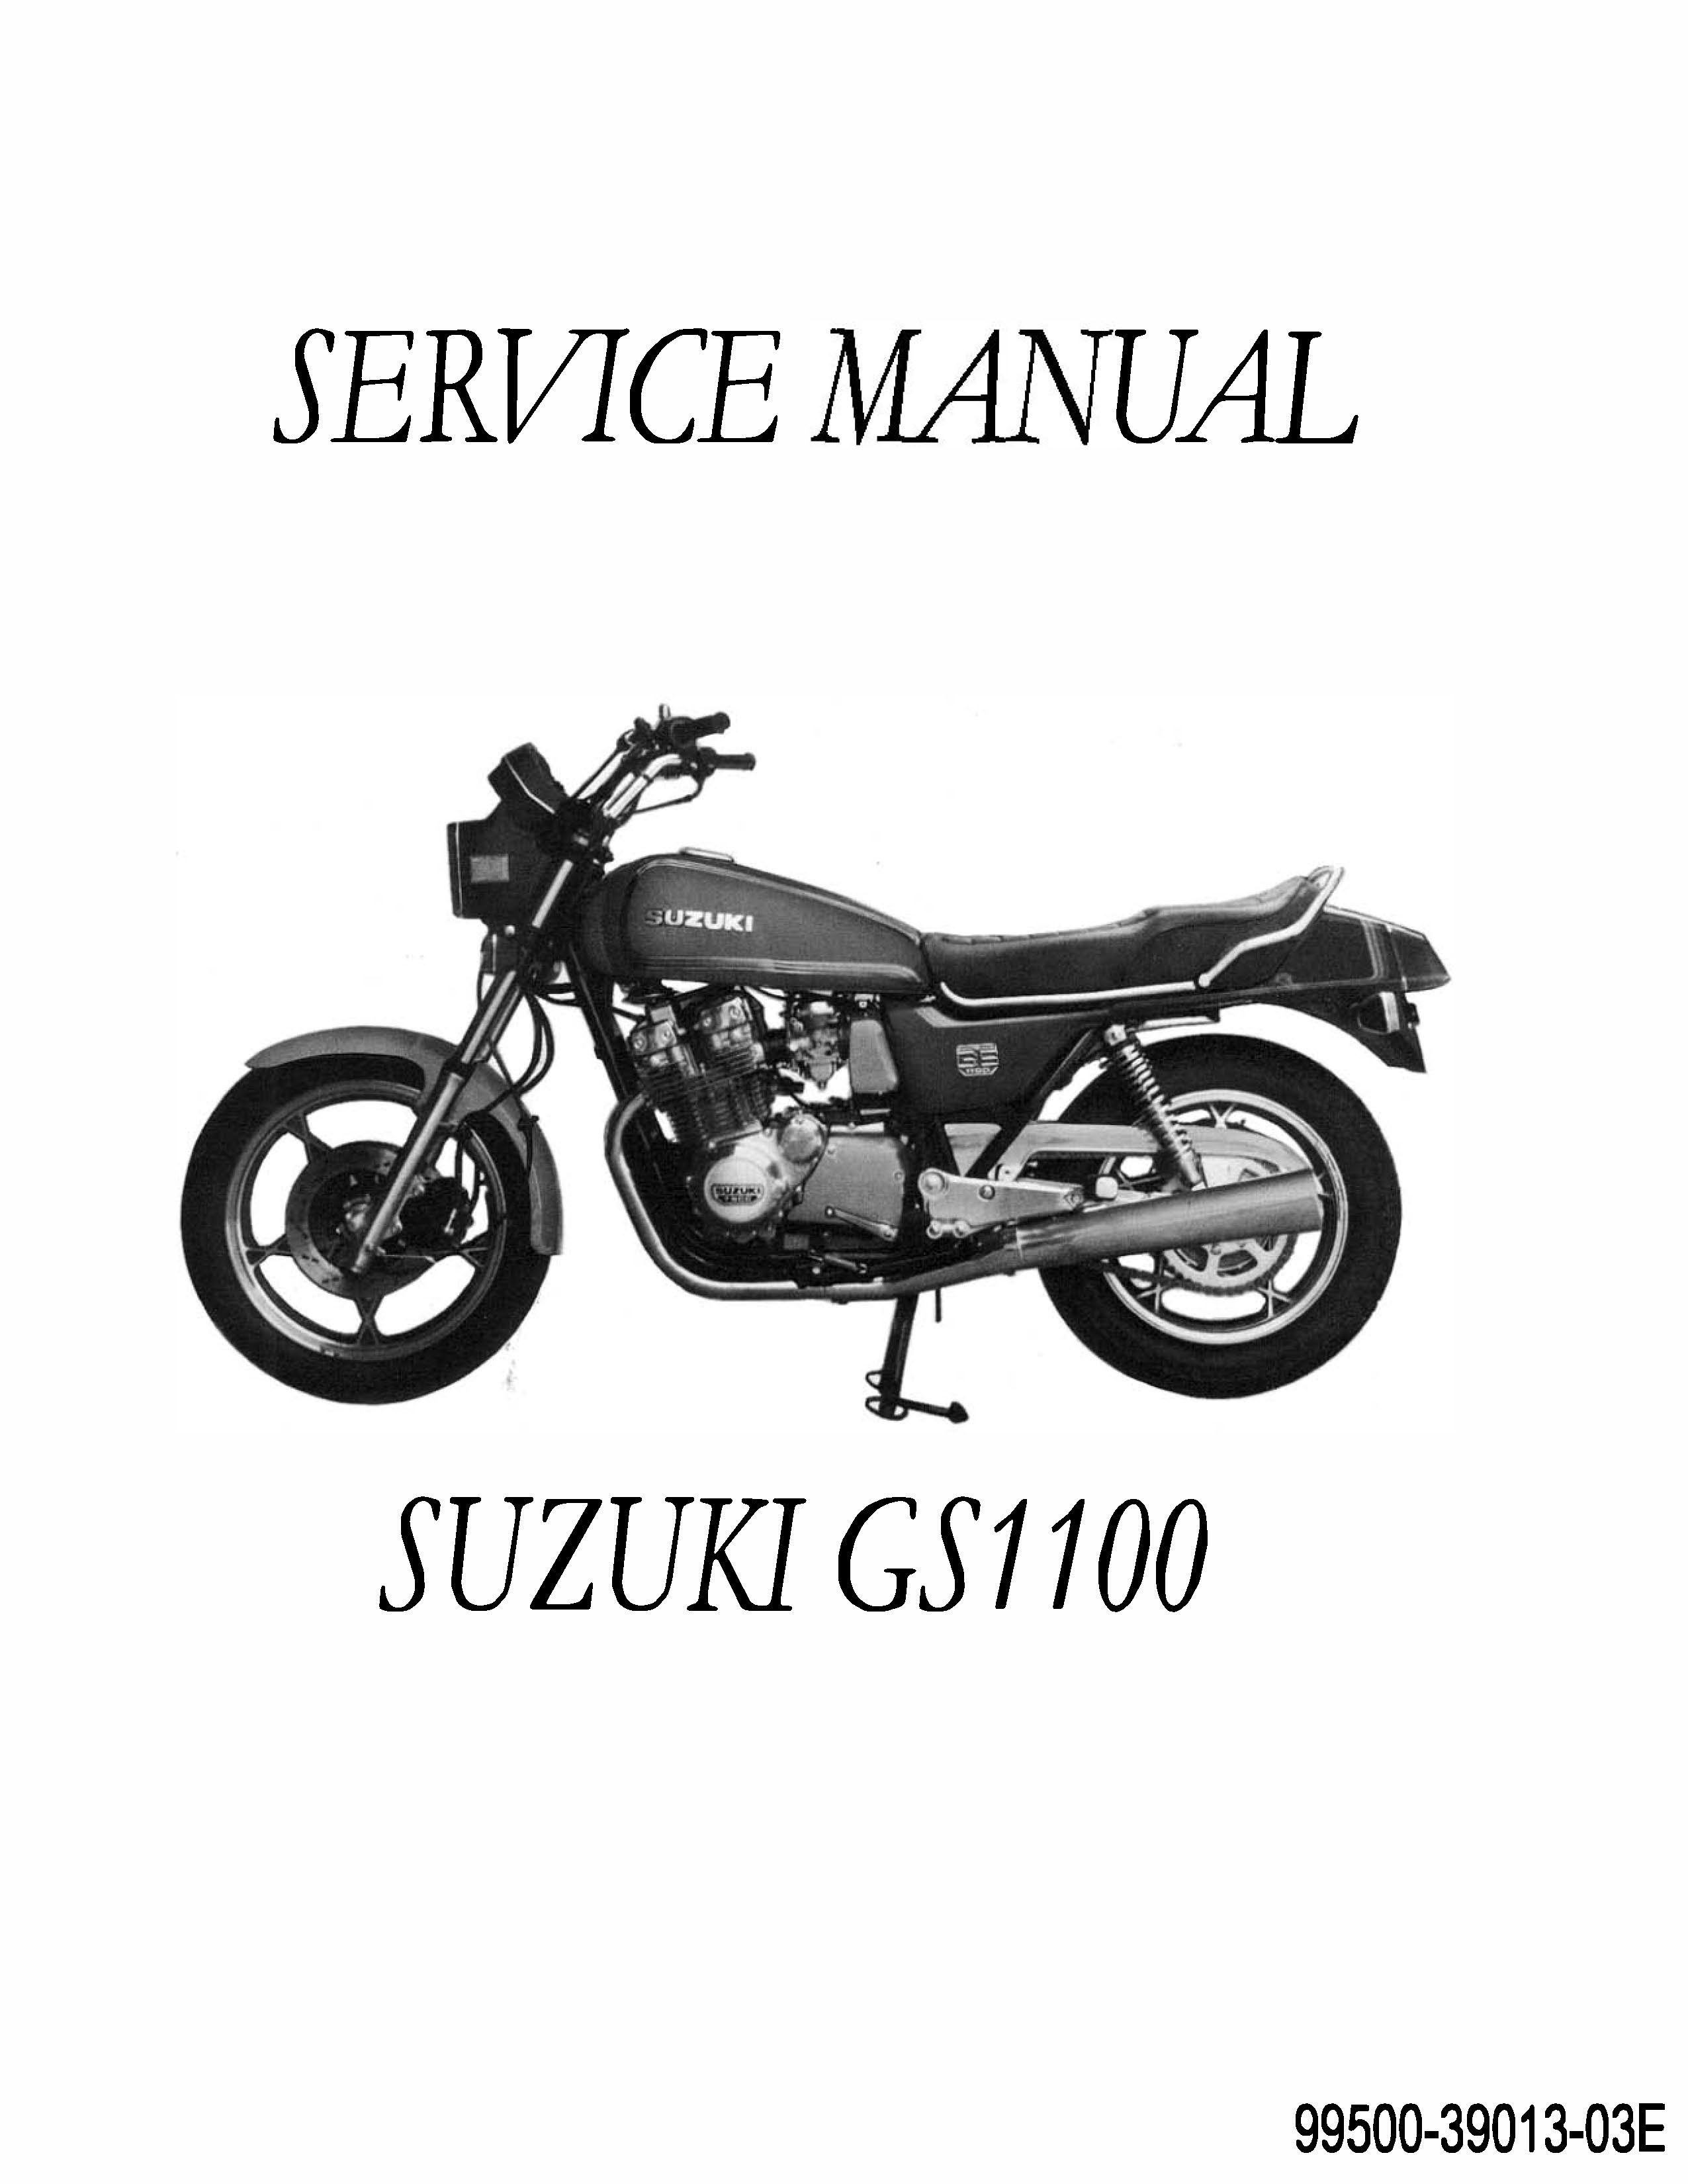 suzuki gs 1100 motorcycle repair manual 1979 1980 1981 1982 1983 800 426 4214 ebay Su80cc Zuki Motorcycles Manuals Clymer Motorcycle Manuals